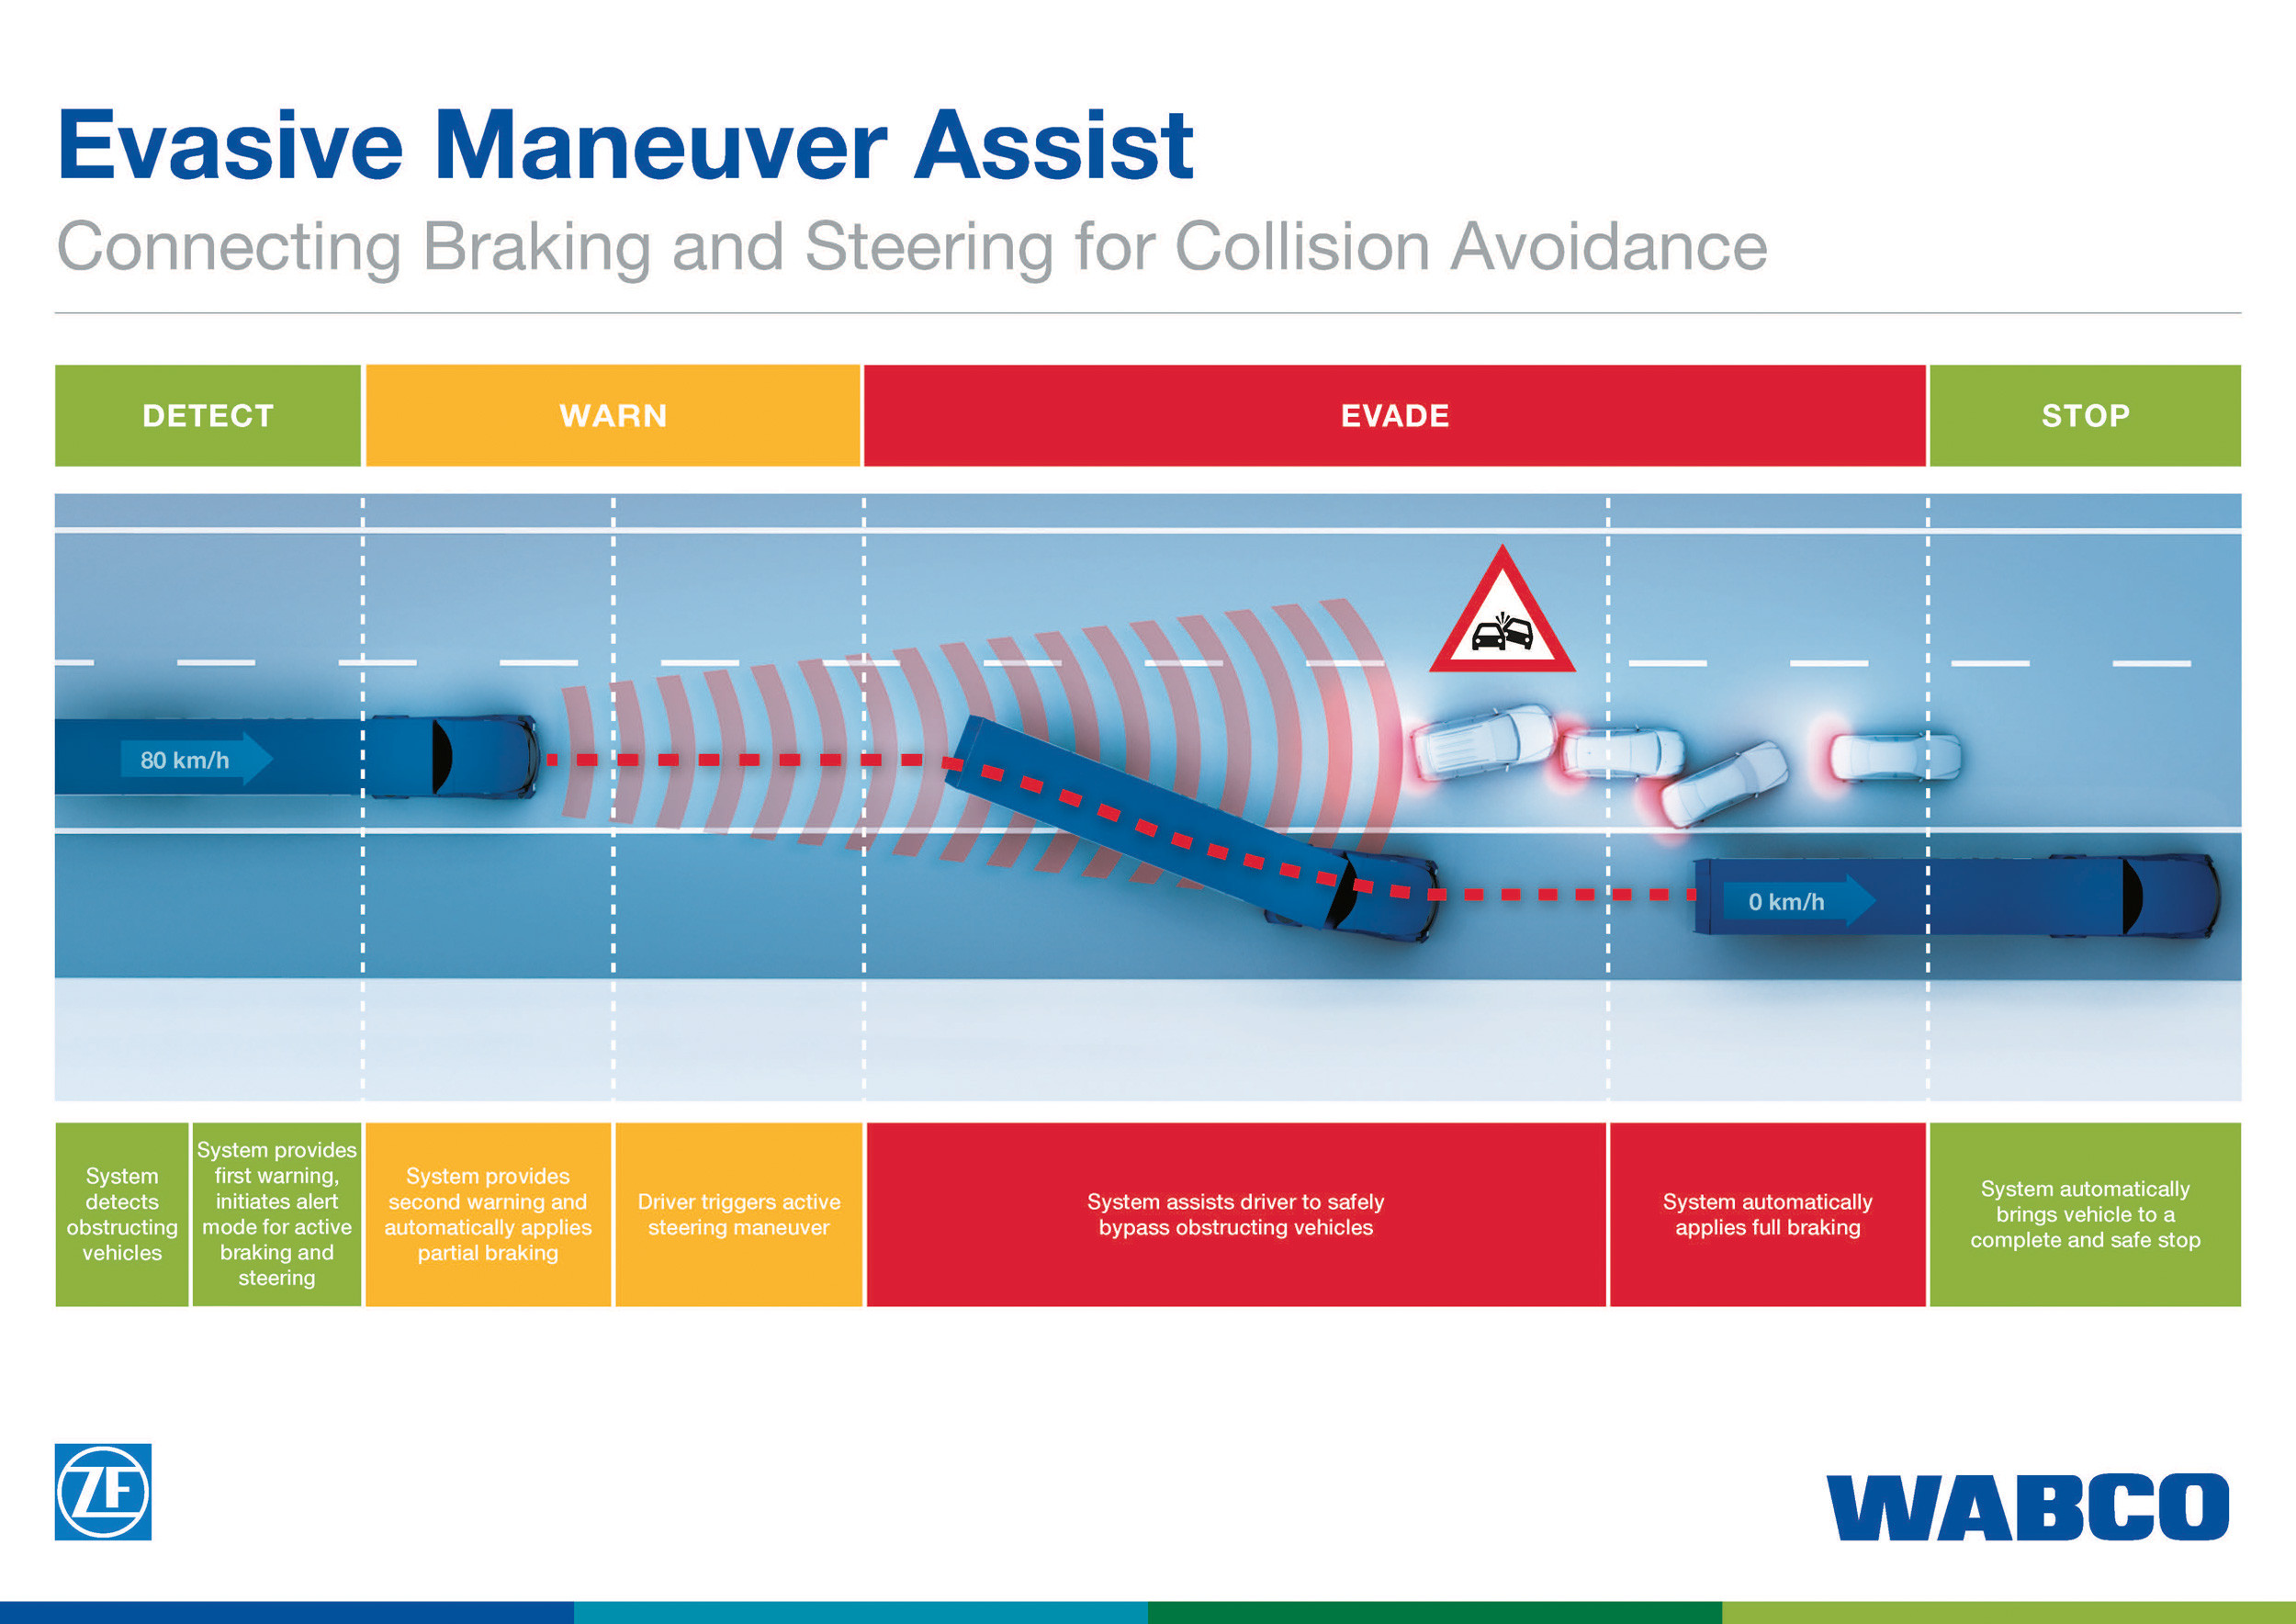 Evasive manoeuvre assist technology